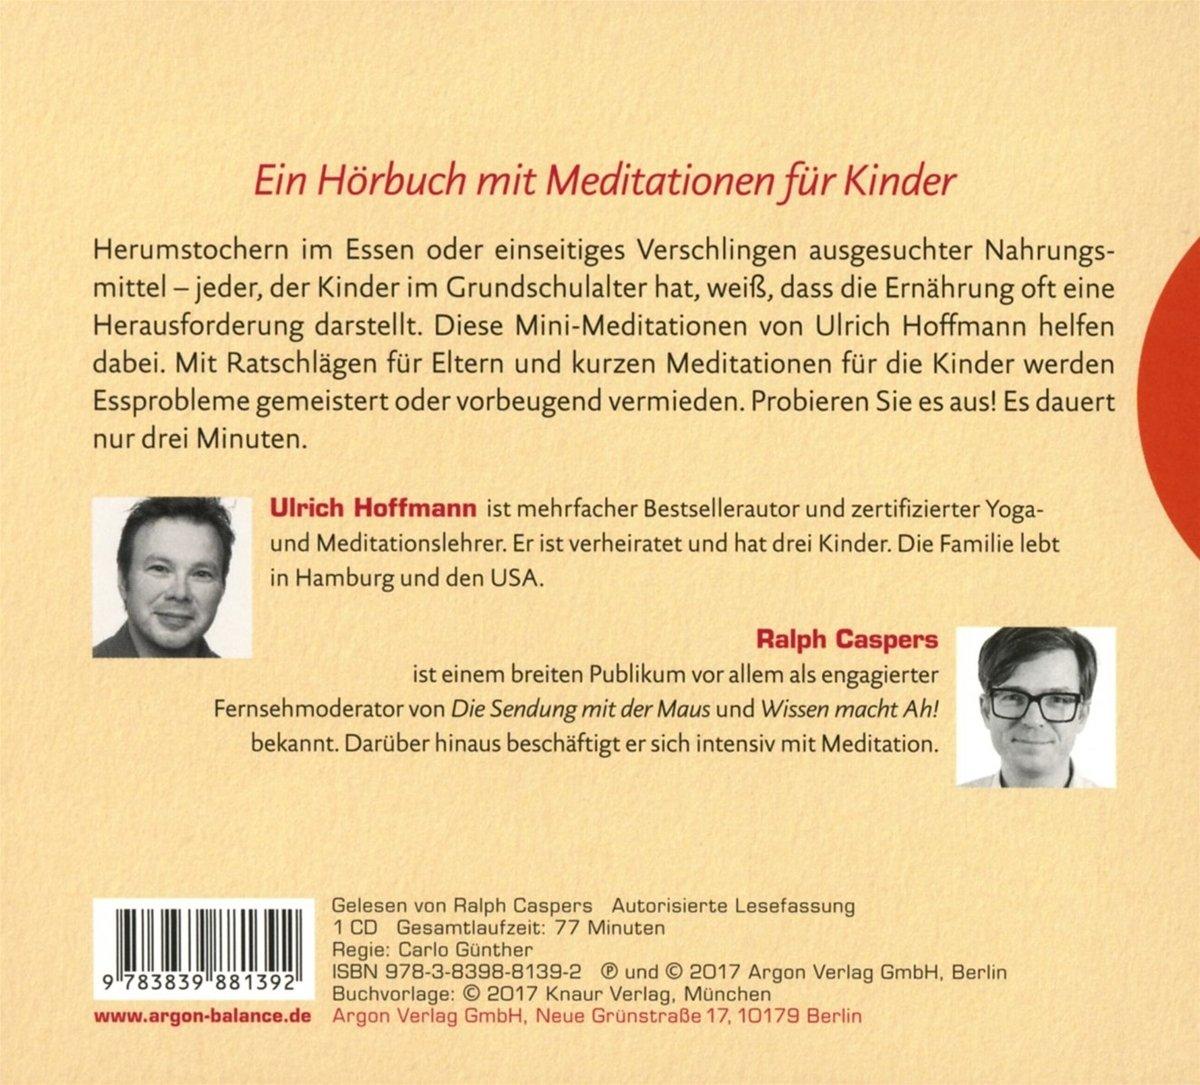 Charmant Buchvorlagen Für Kinder Bilder - Beispiel Wiederaufnahme ...